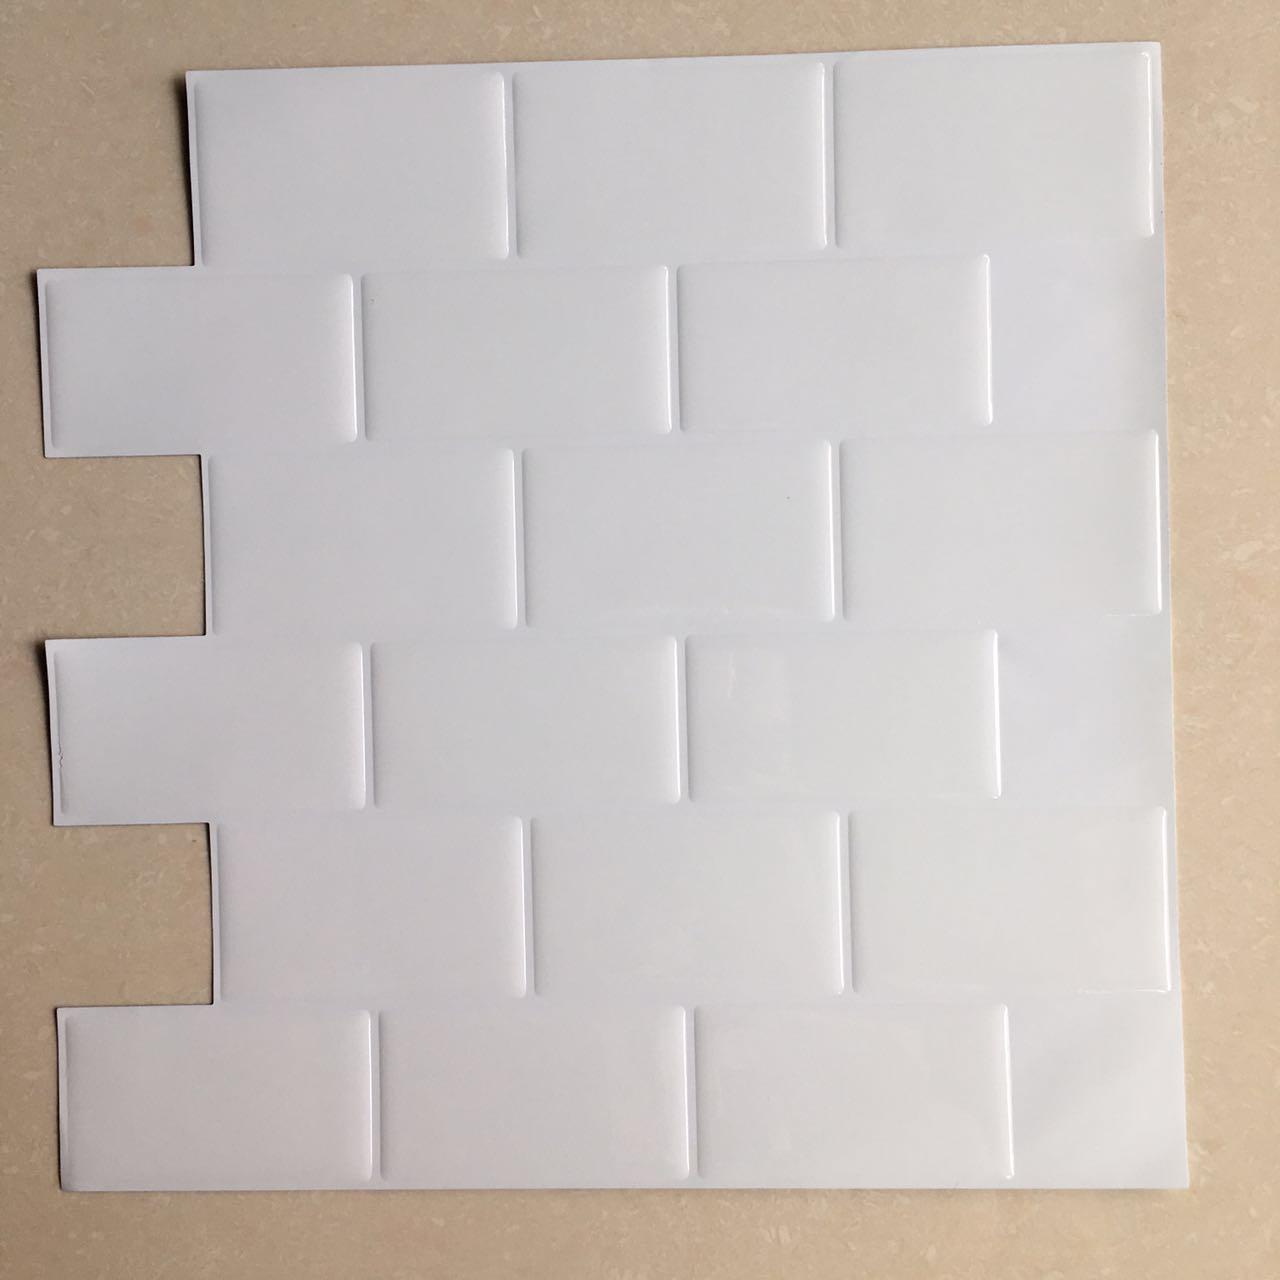 Art3d 12 Quot X 12 Quot Self Adhesive Backsplash Subway Tiles